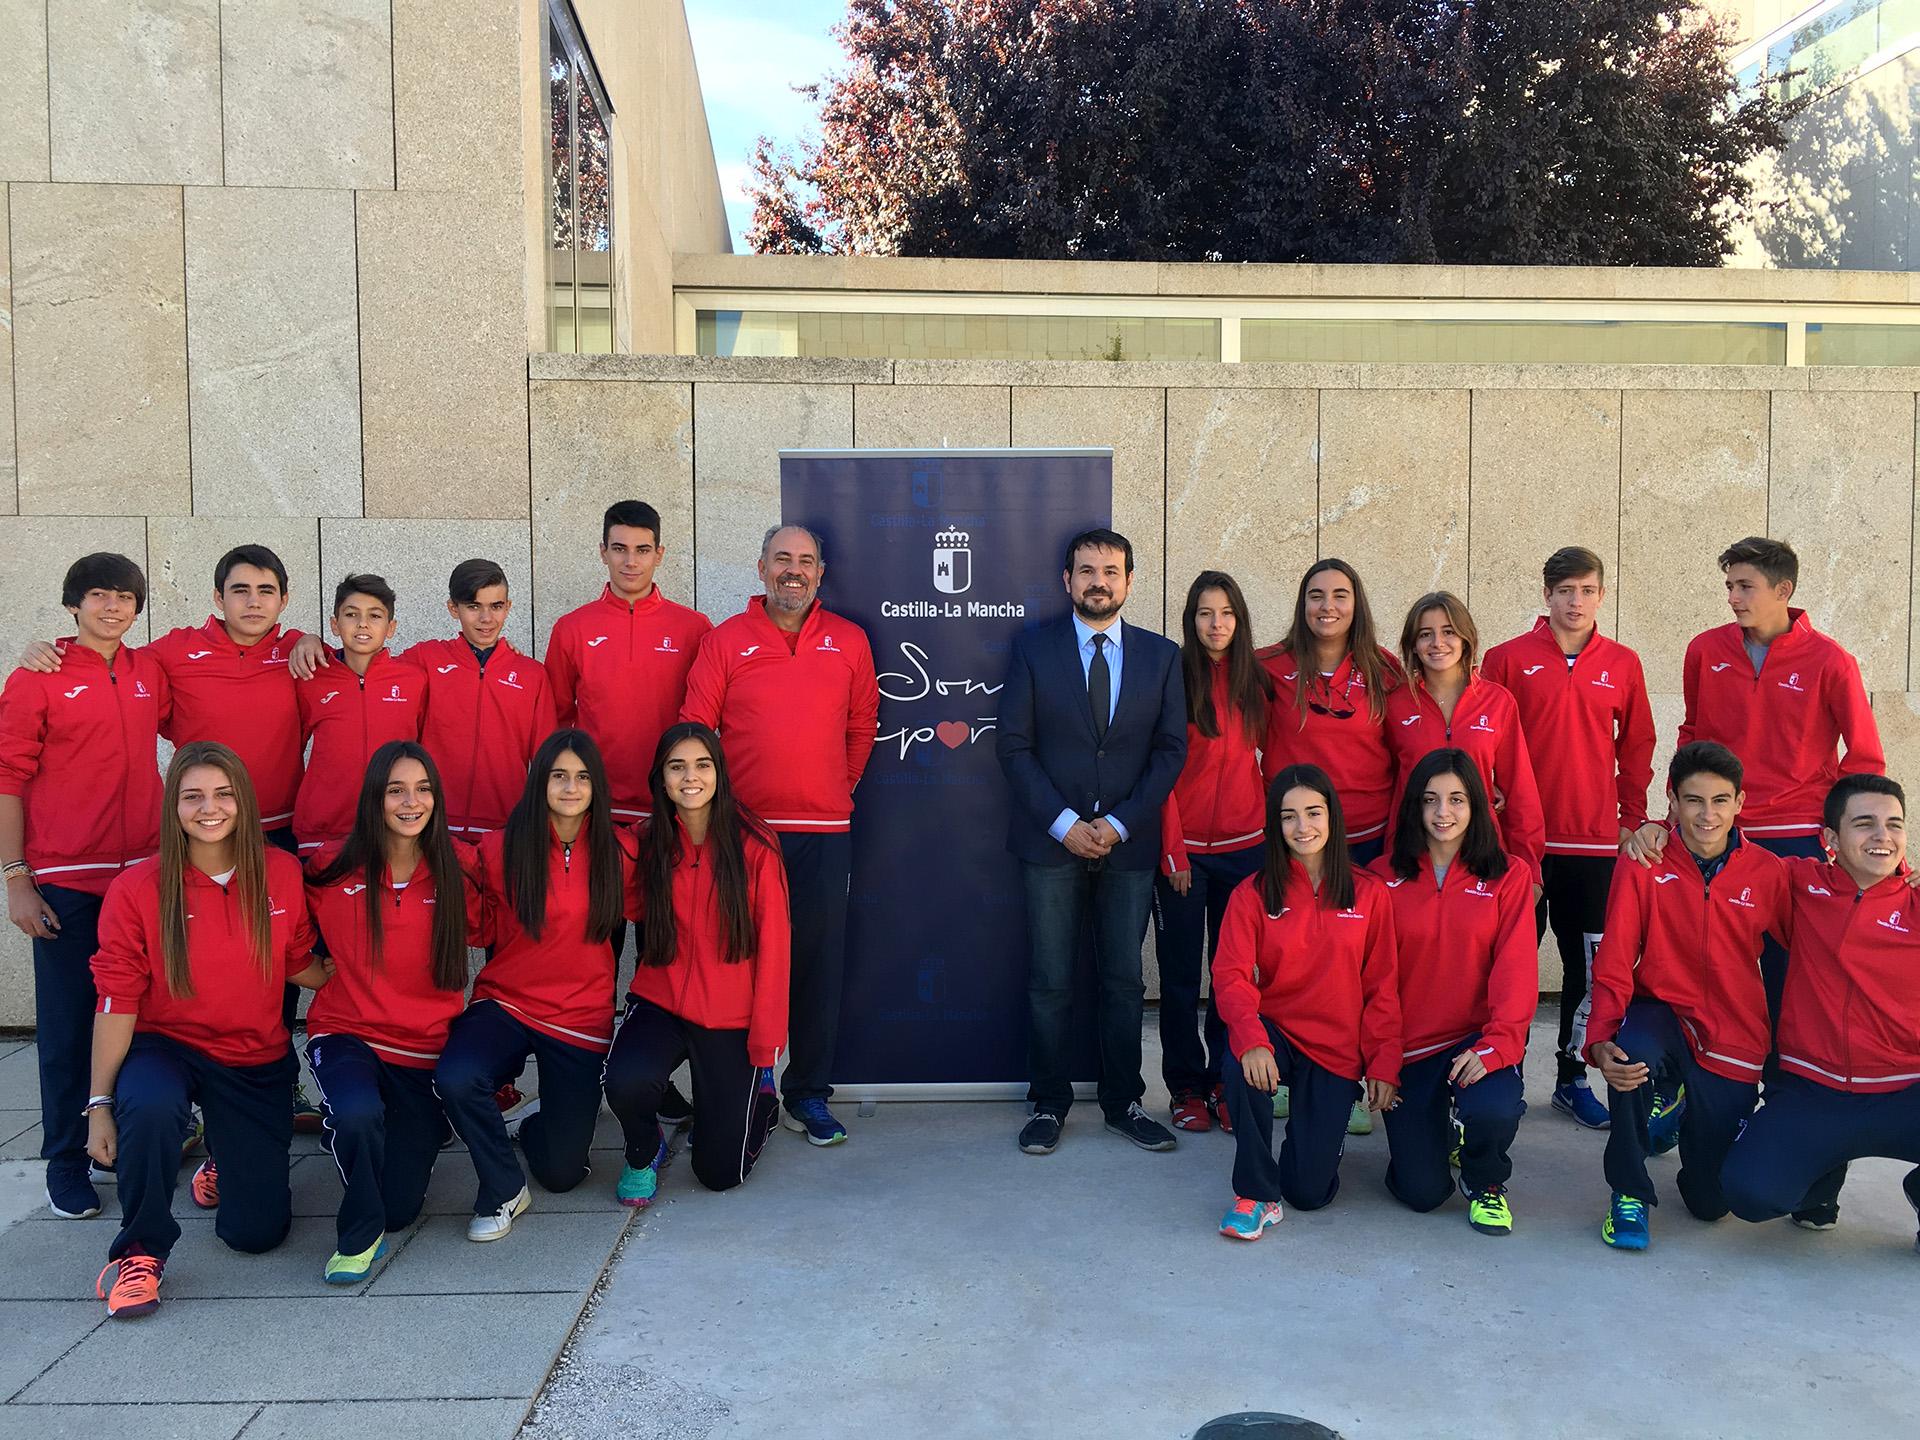 El deporte como componente educativo, 'Somos deporte 3-18'